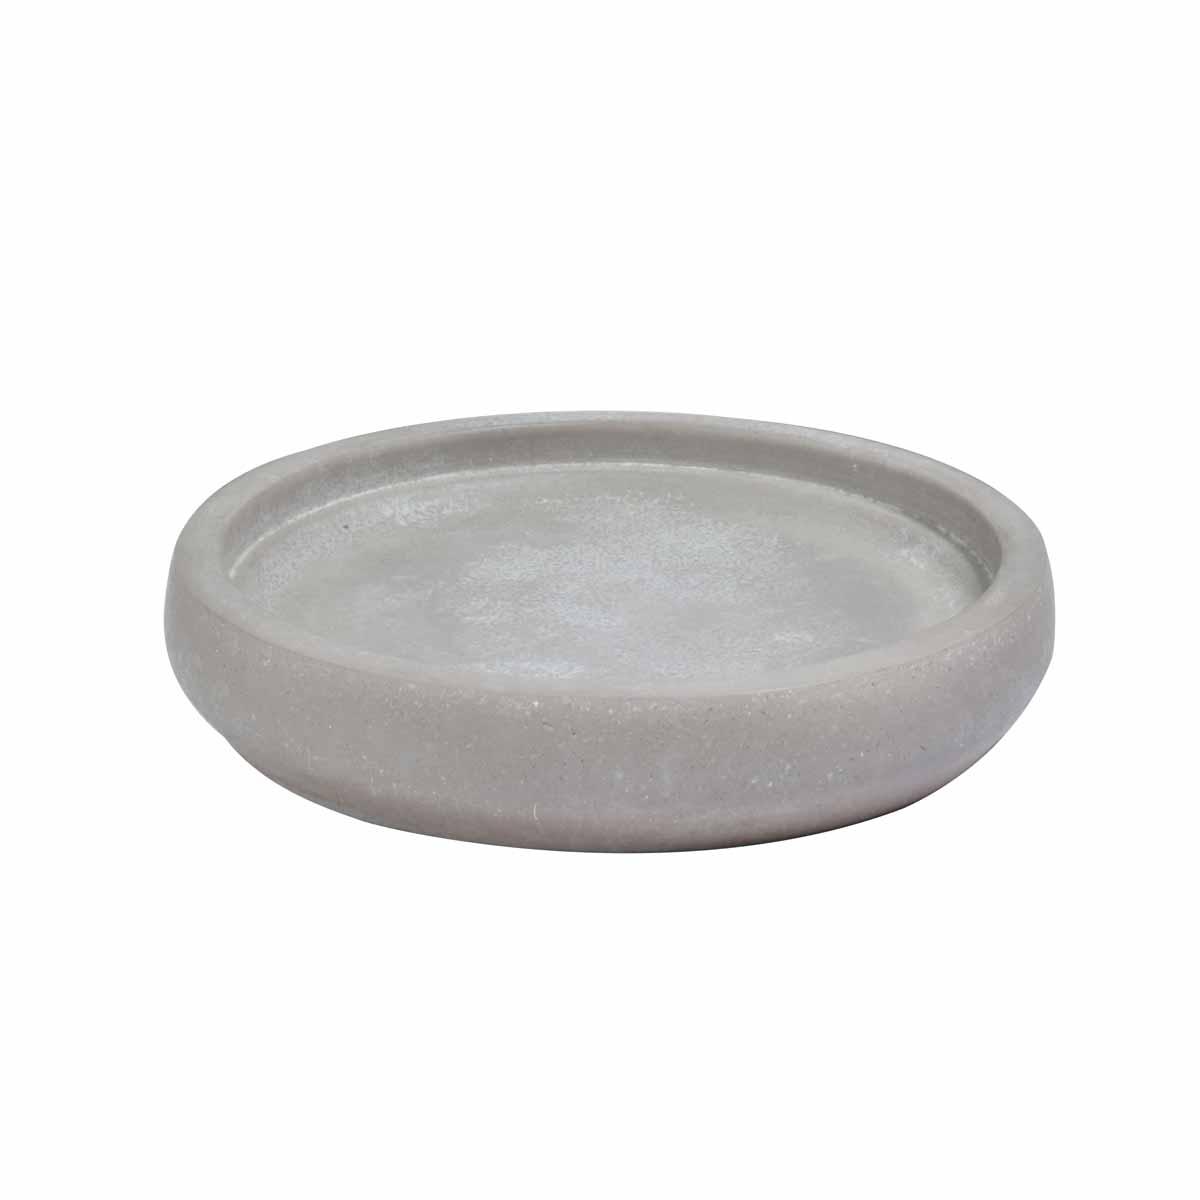 Σαπουνοθήκη Estia Cement 02-6860